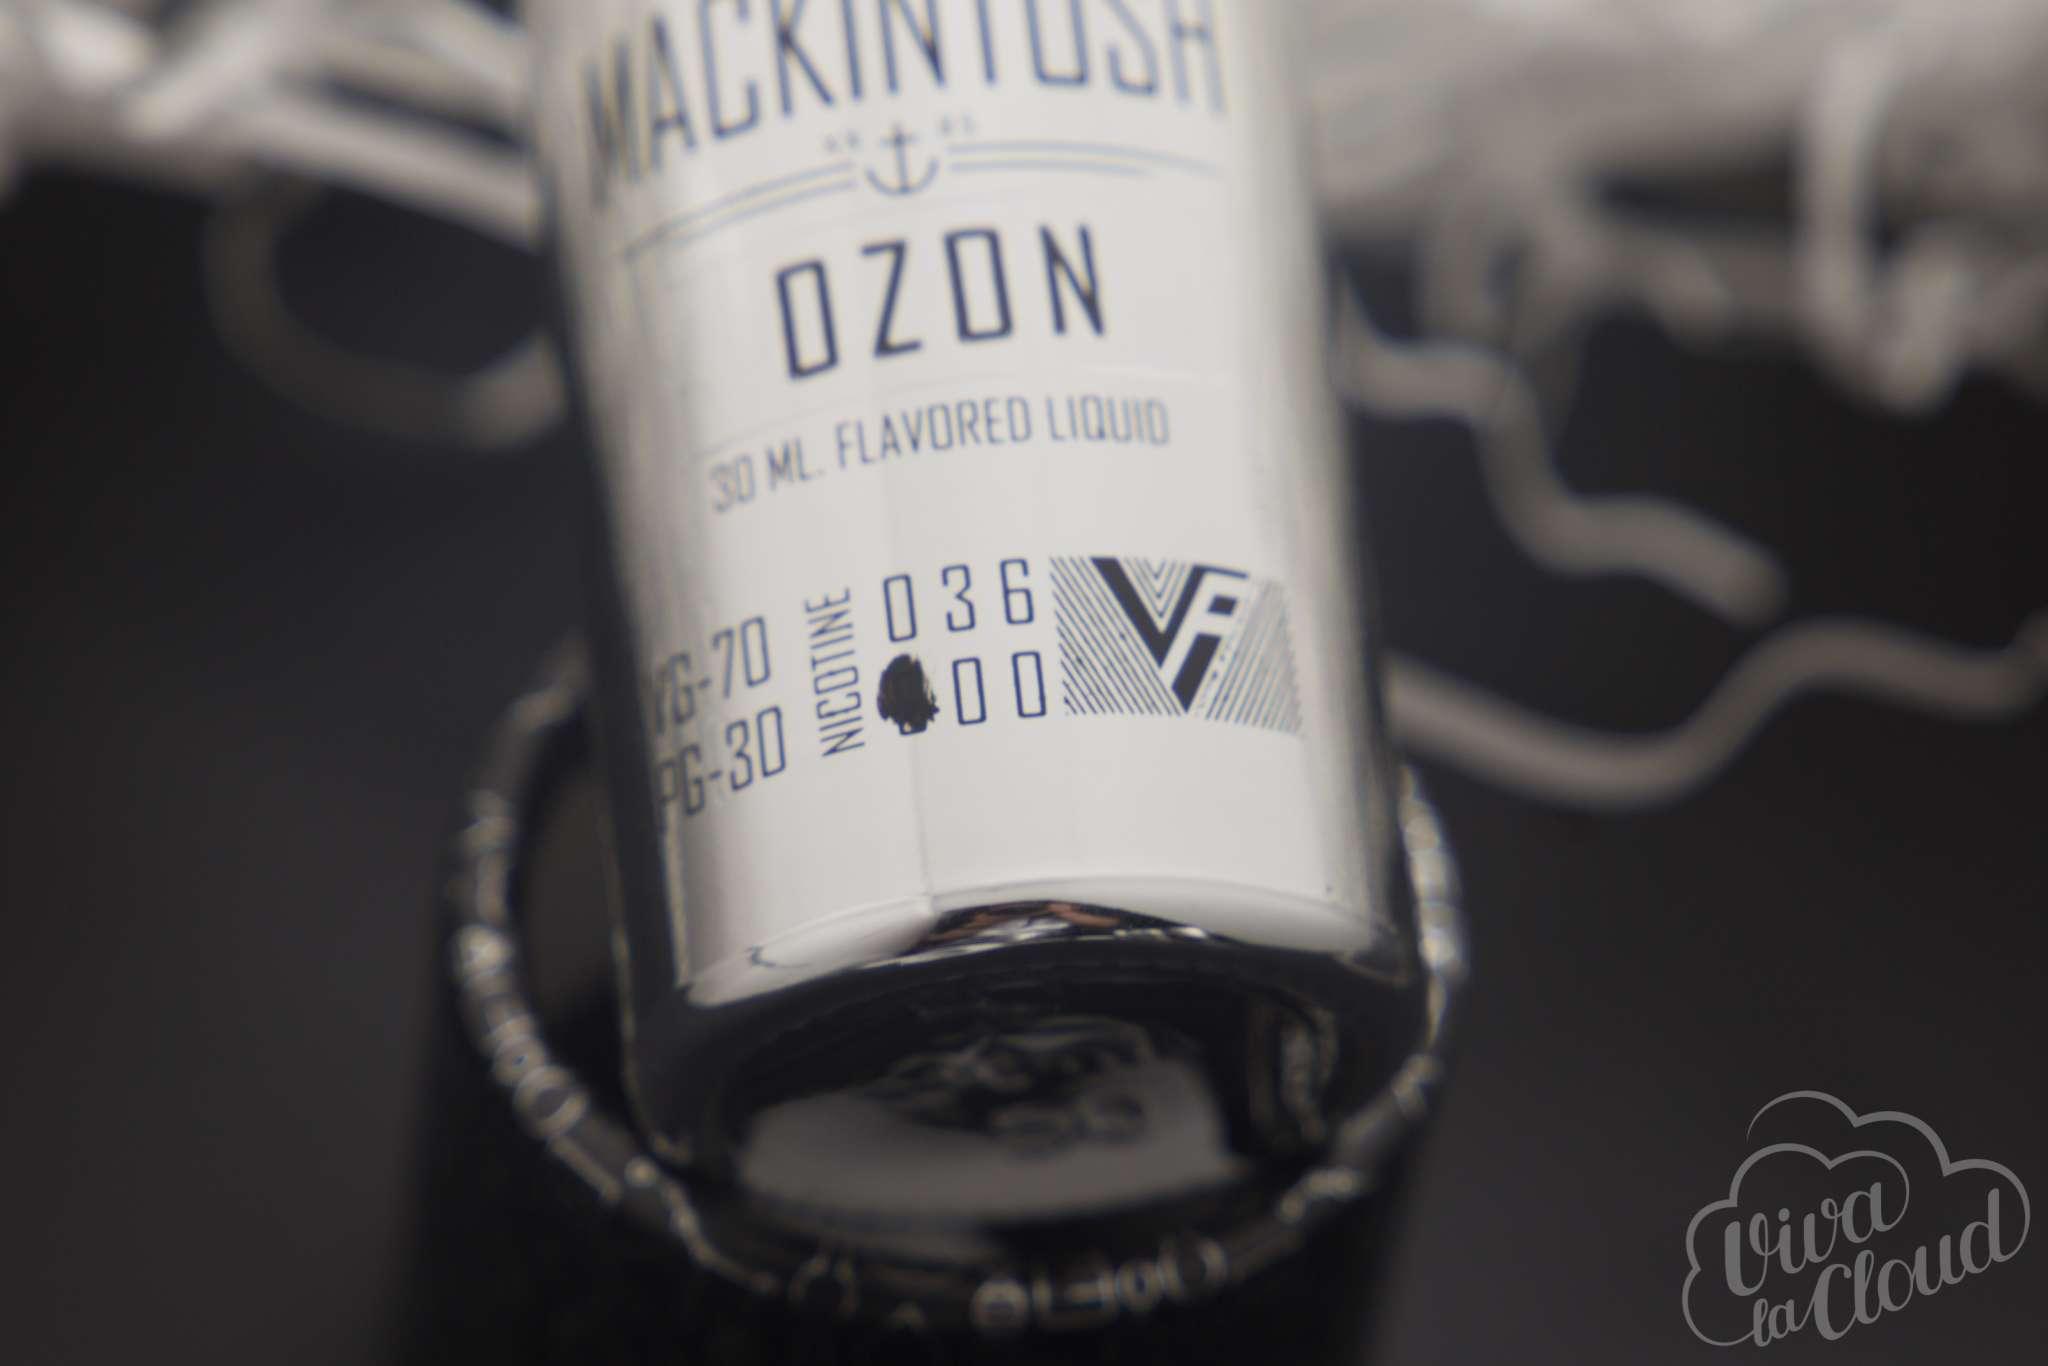 Mackintosh_жидкость -13